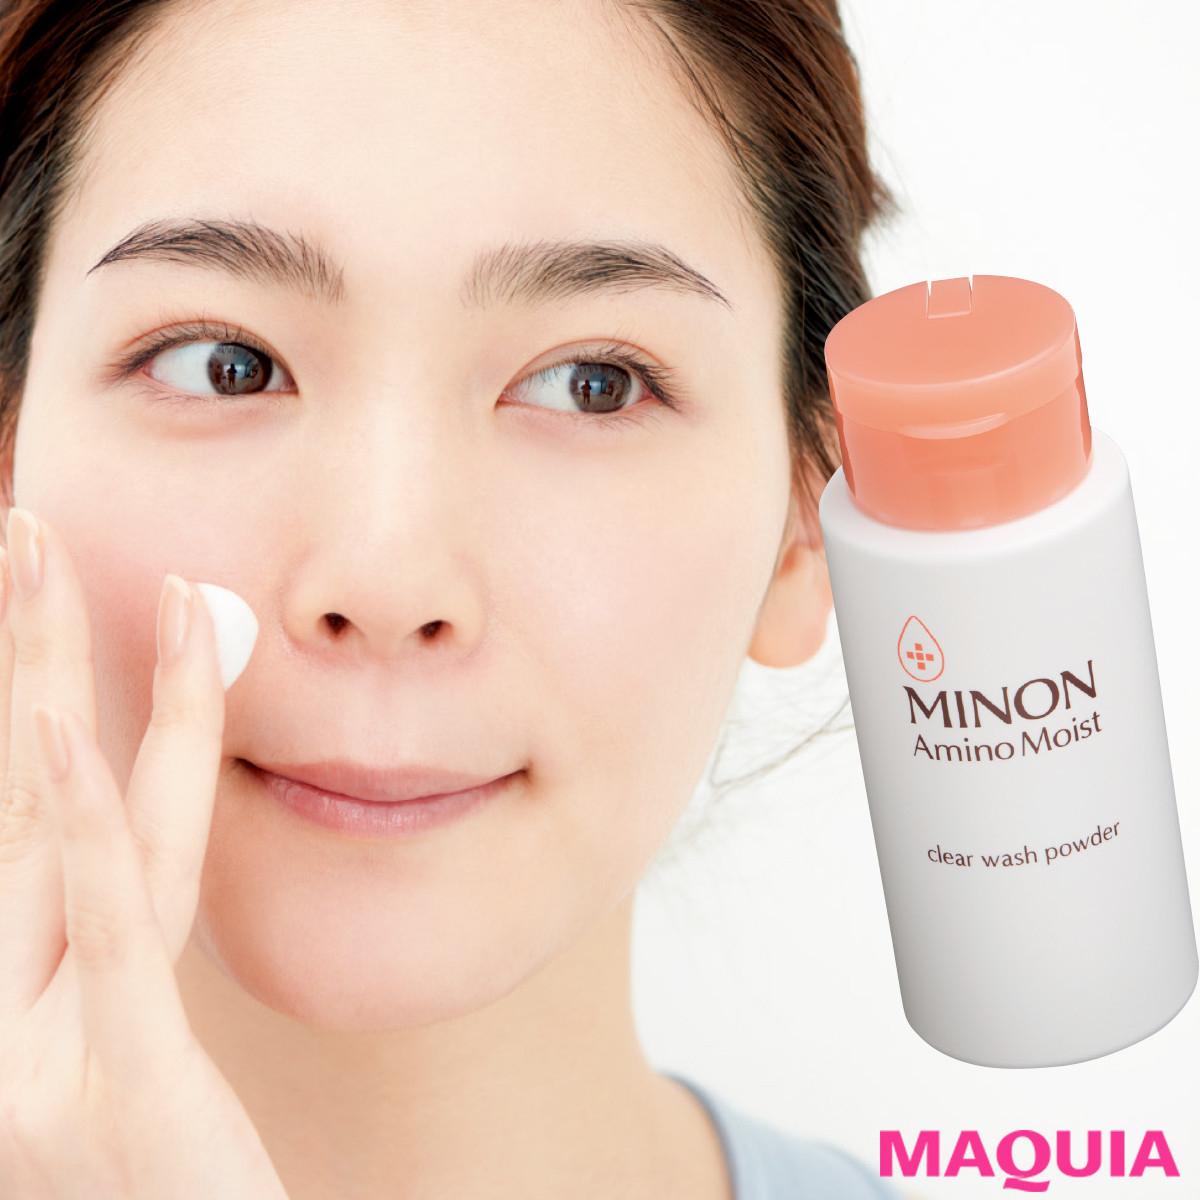 イチゴ鼻状態の黒ずみ毛穴が気になる! 酵素洗顔&美白美容液で撃退